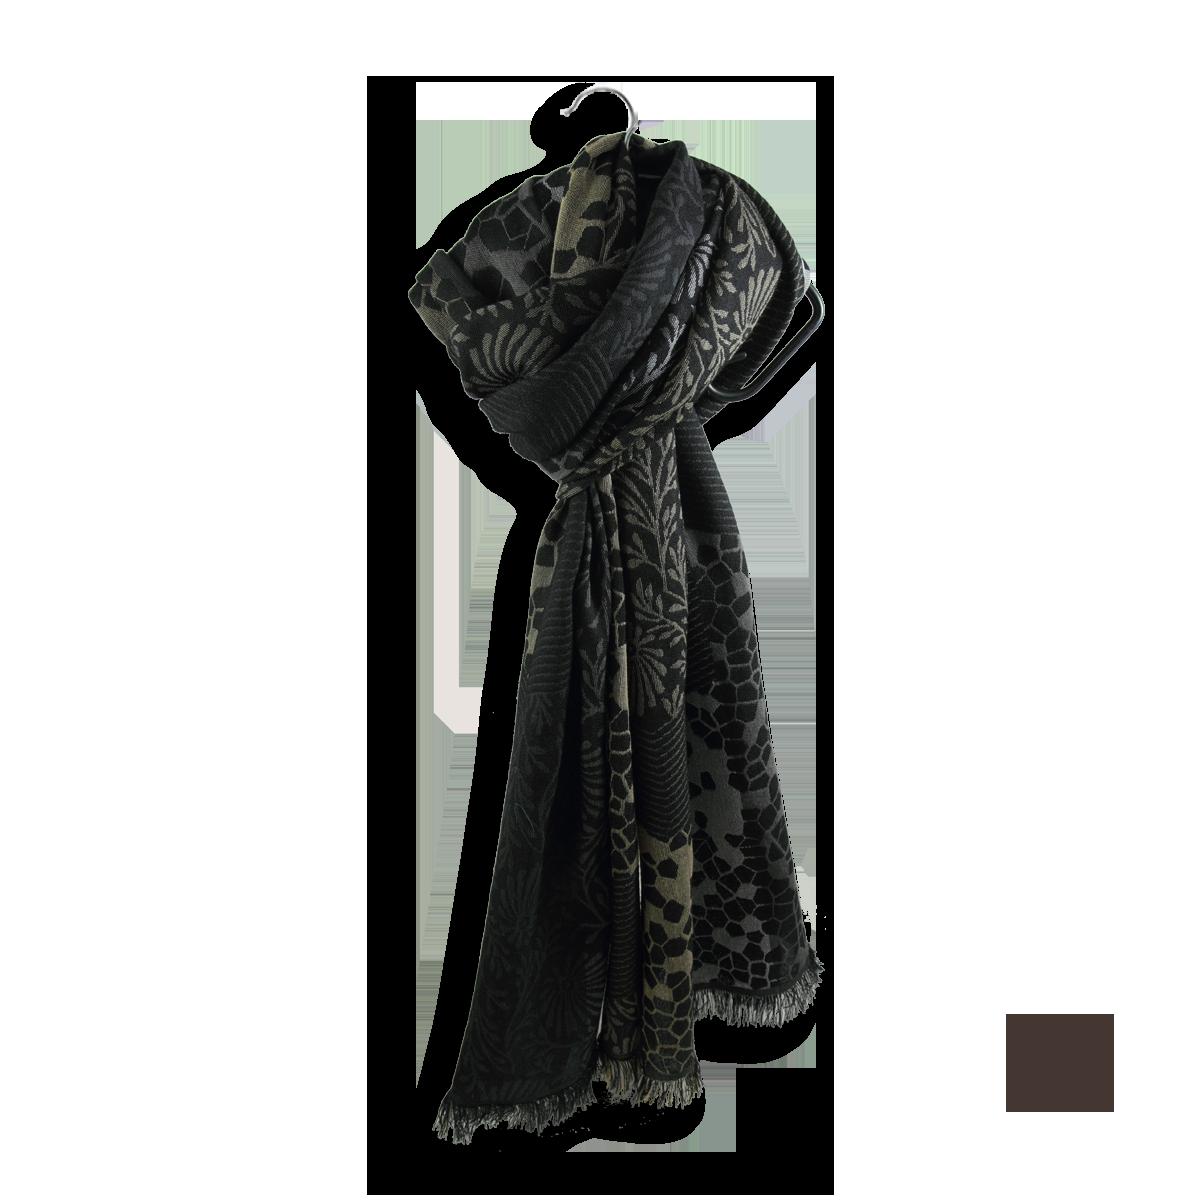 Echarpe Femme Noire et grise en Laine Coton Soie - Très confortable. 994dd06dabe